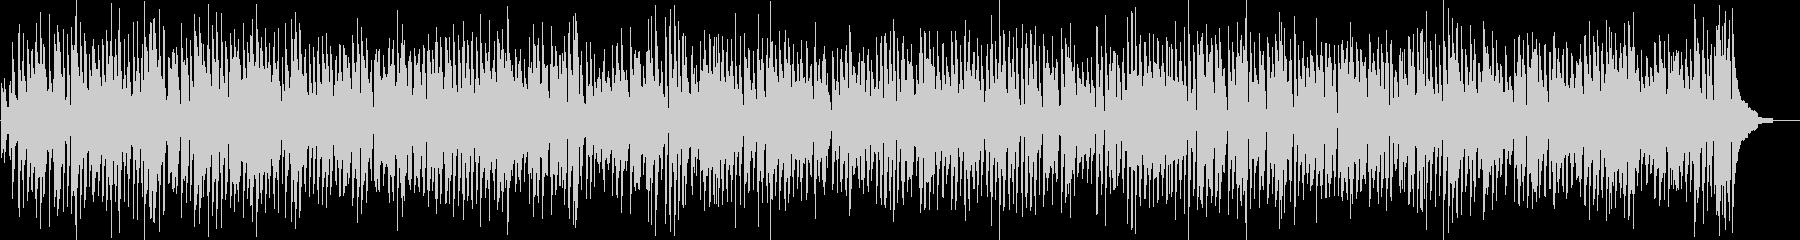 クラリネットの王道ジャズコンボスタイルの未再生の波形